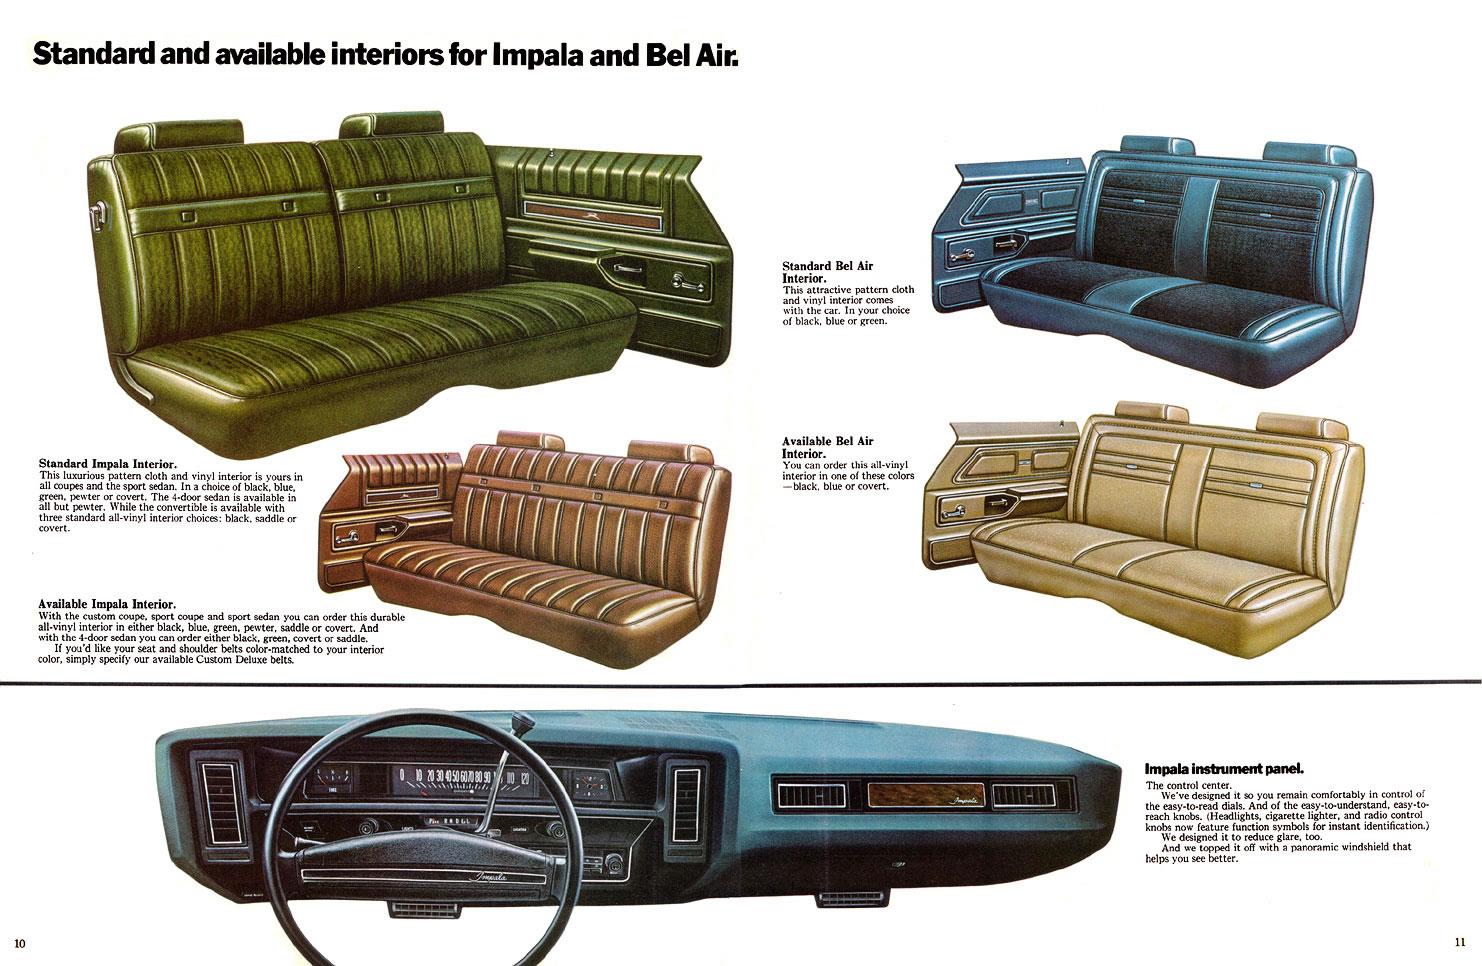 1972 Chevrolet Full-Size / Impala72_ (06).jpg